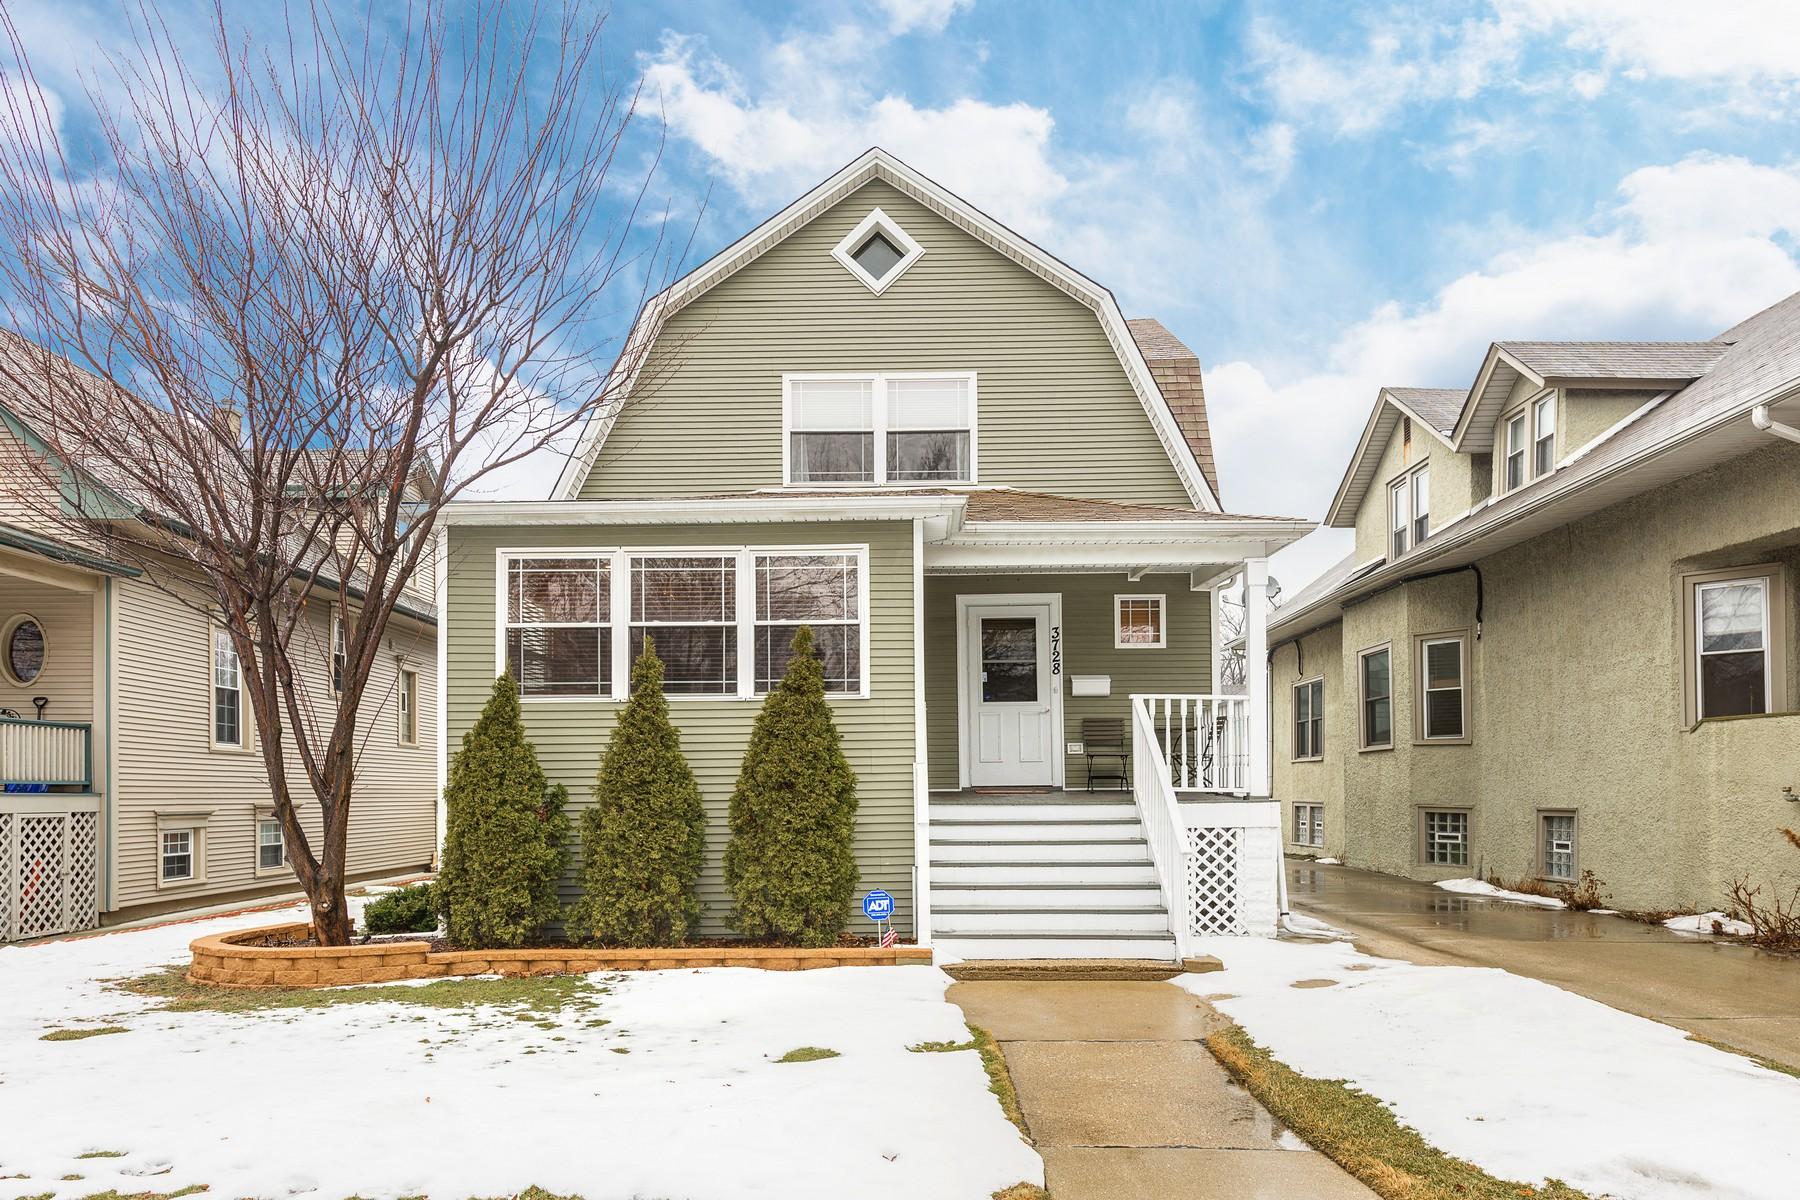 Частный односемейный дом для того Продажа на Renovated Dutch Colonial 3728 N Lawndale Avenue, Irving Park, Chicago, Иллинойс, 60618 Соединенные Штаты